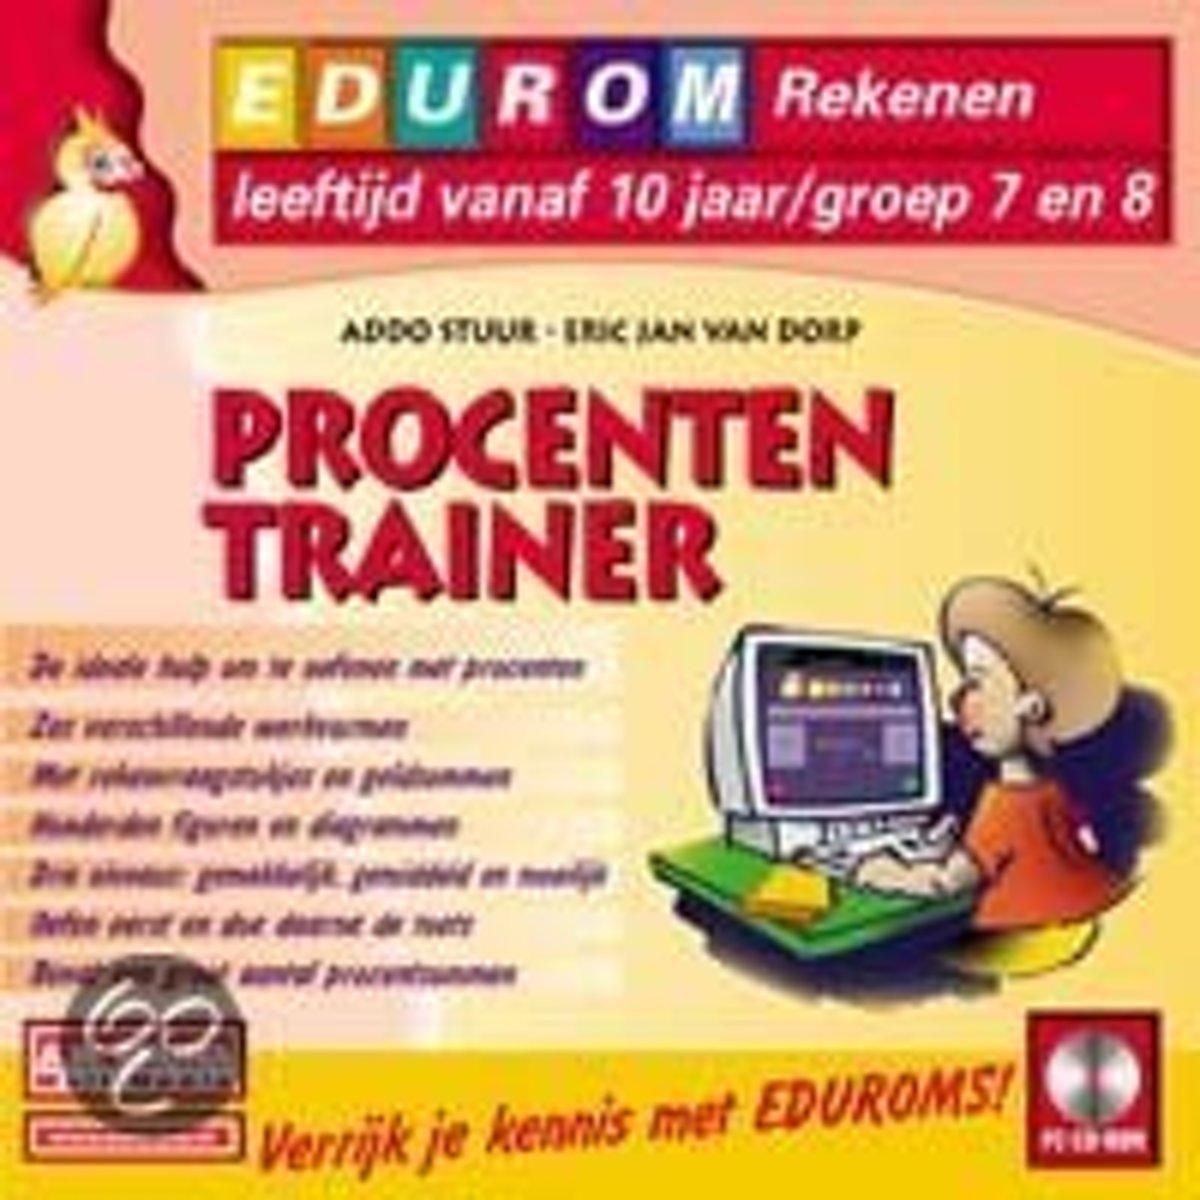 Edurom Procententrainer Vanaf 10Jr kopen